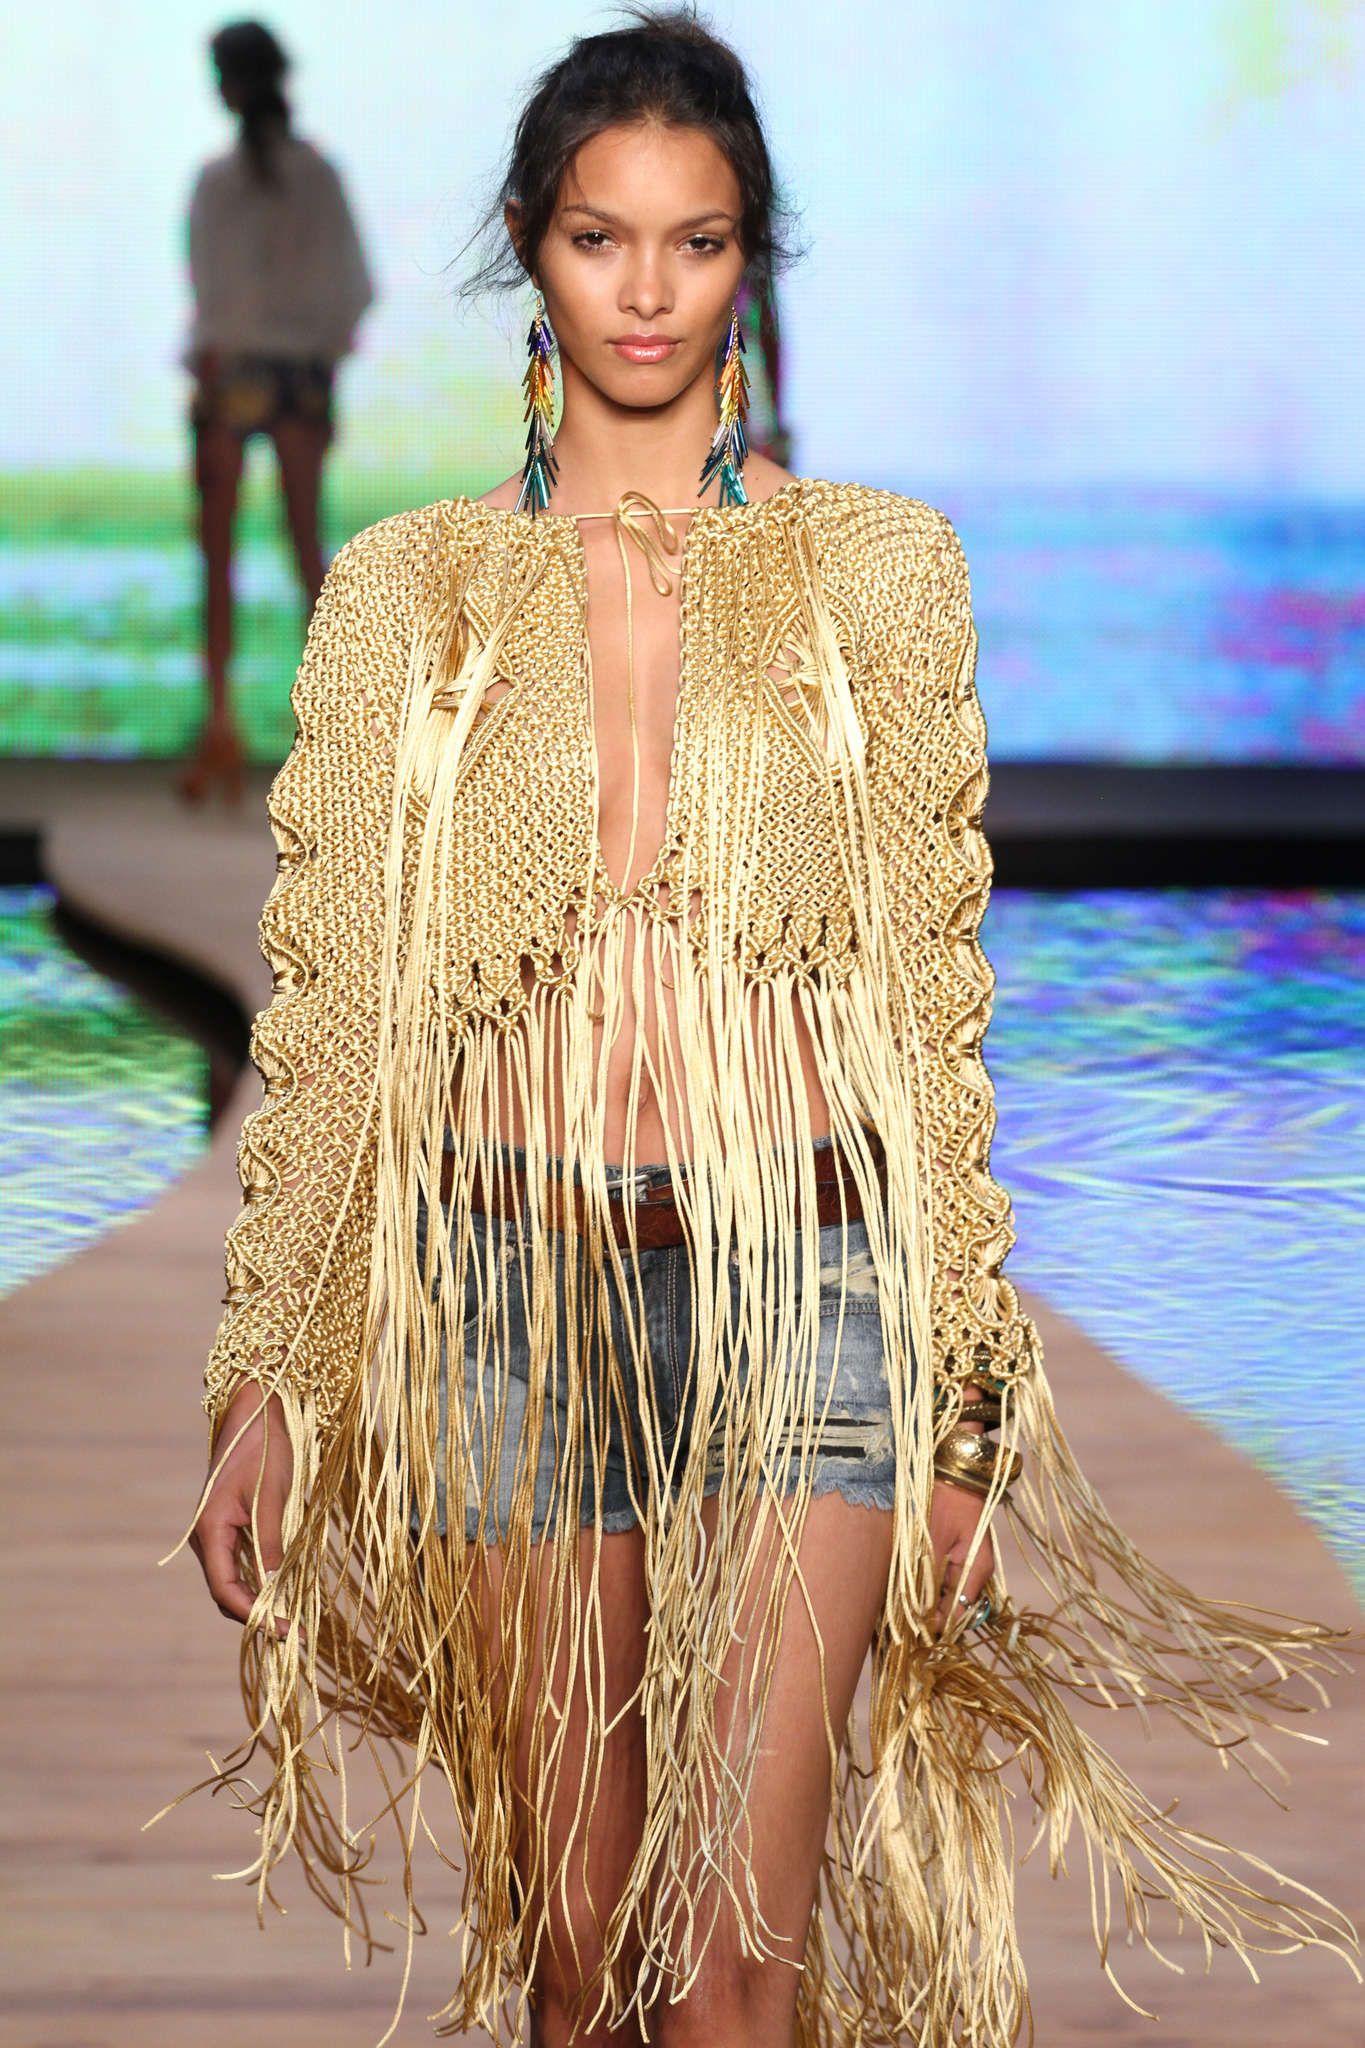 Coca Cola Clothing Primavera/ Verão 2012, Womenswear - Desfiles (#8025)